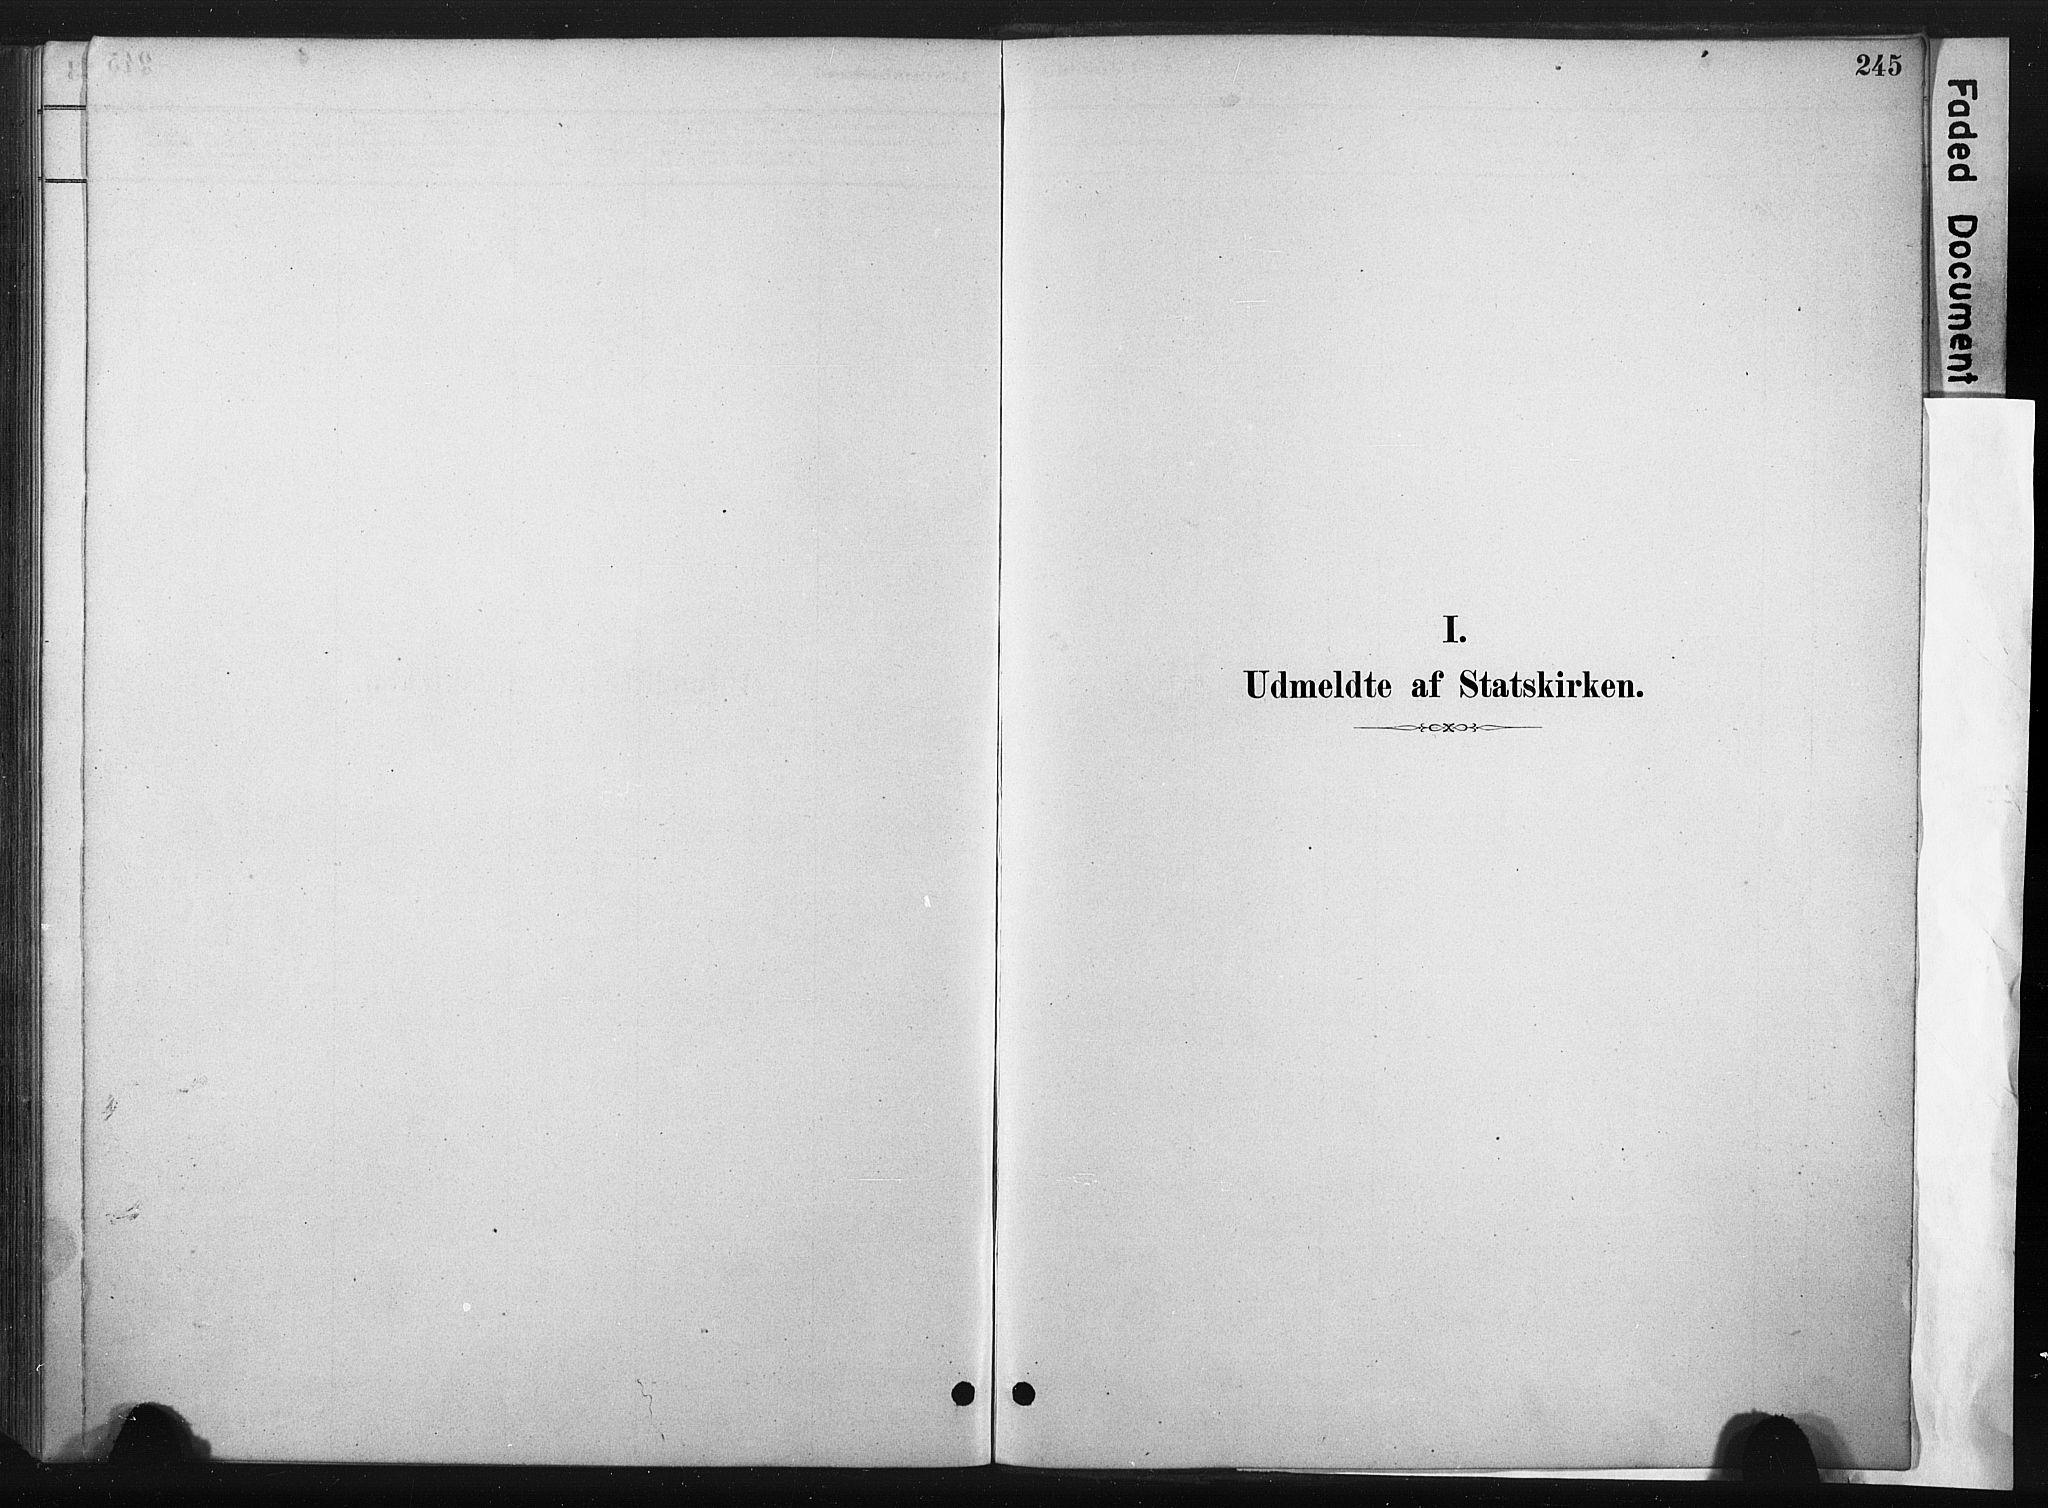 SAT, Ministerialprotokoller, klokkerbøker og fødselsregistre - Sør-Trøndelag, 667/L0795: Ministerialbok nr. 667A03, 1879-1907, s. 245